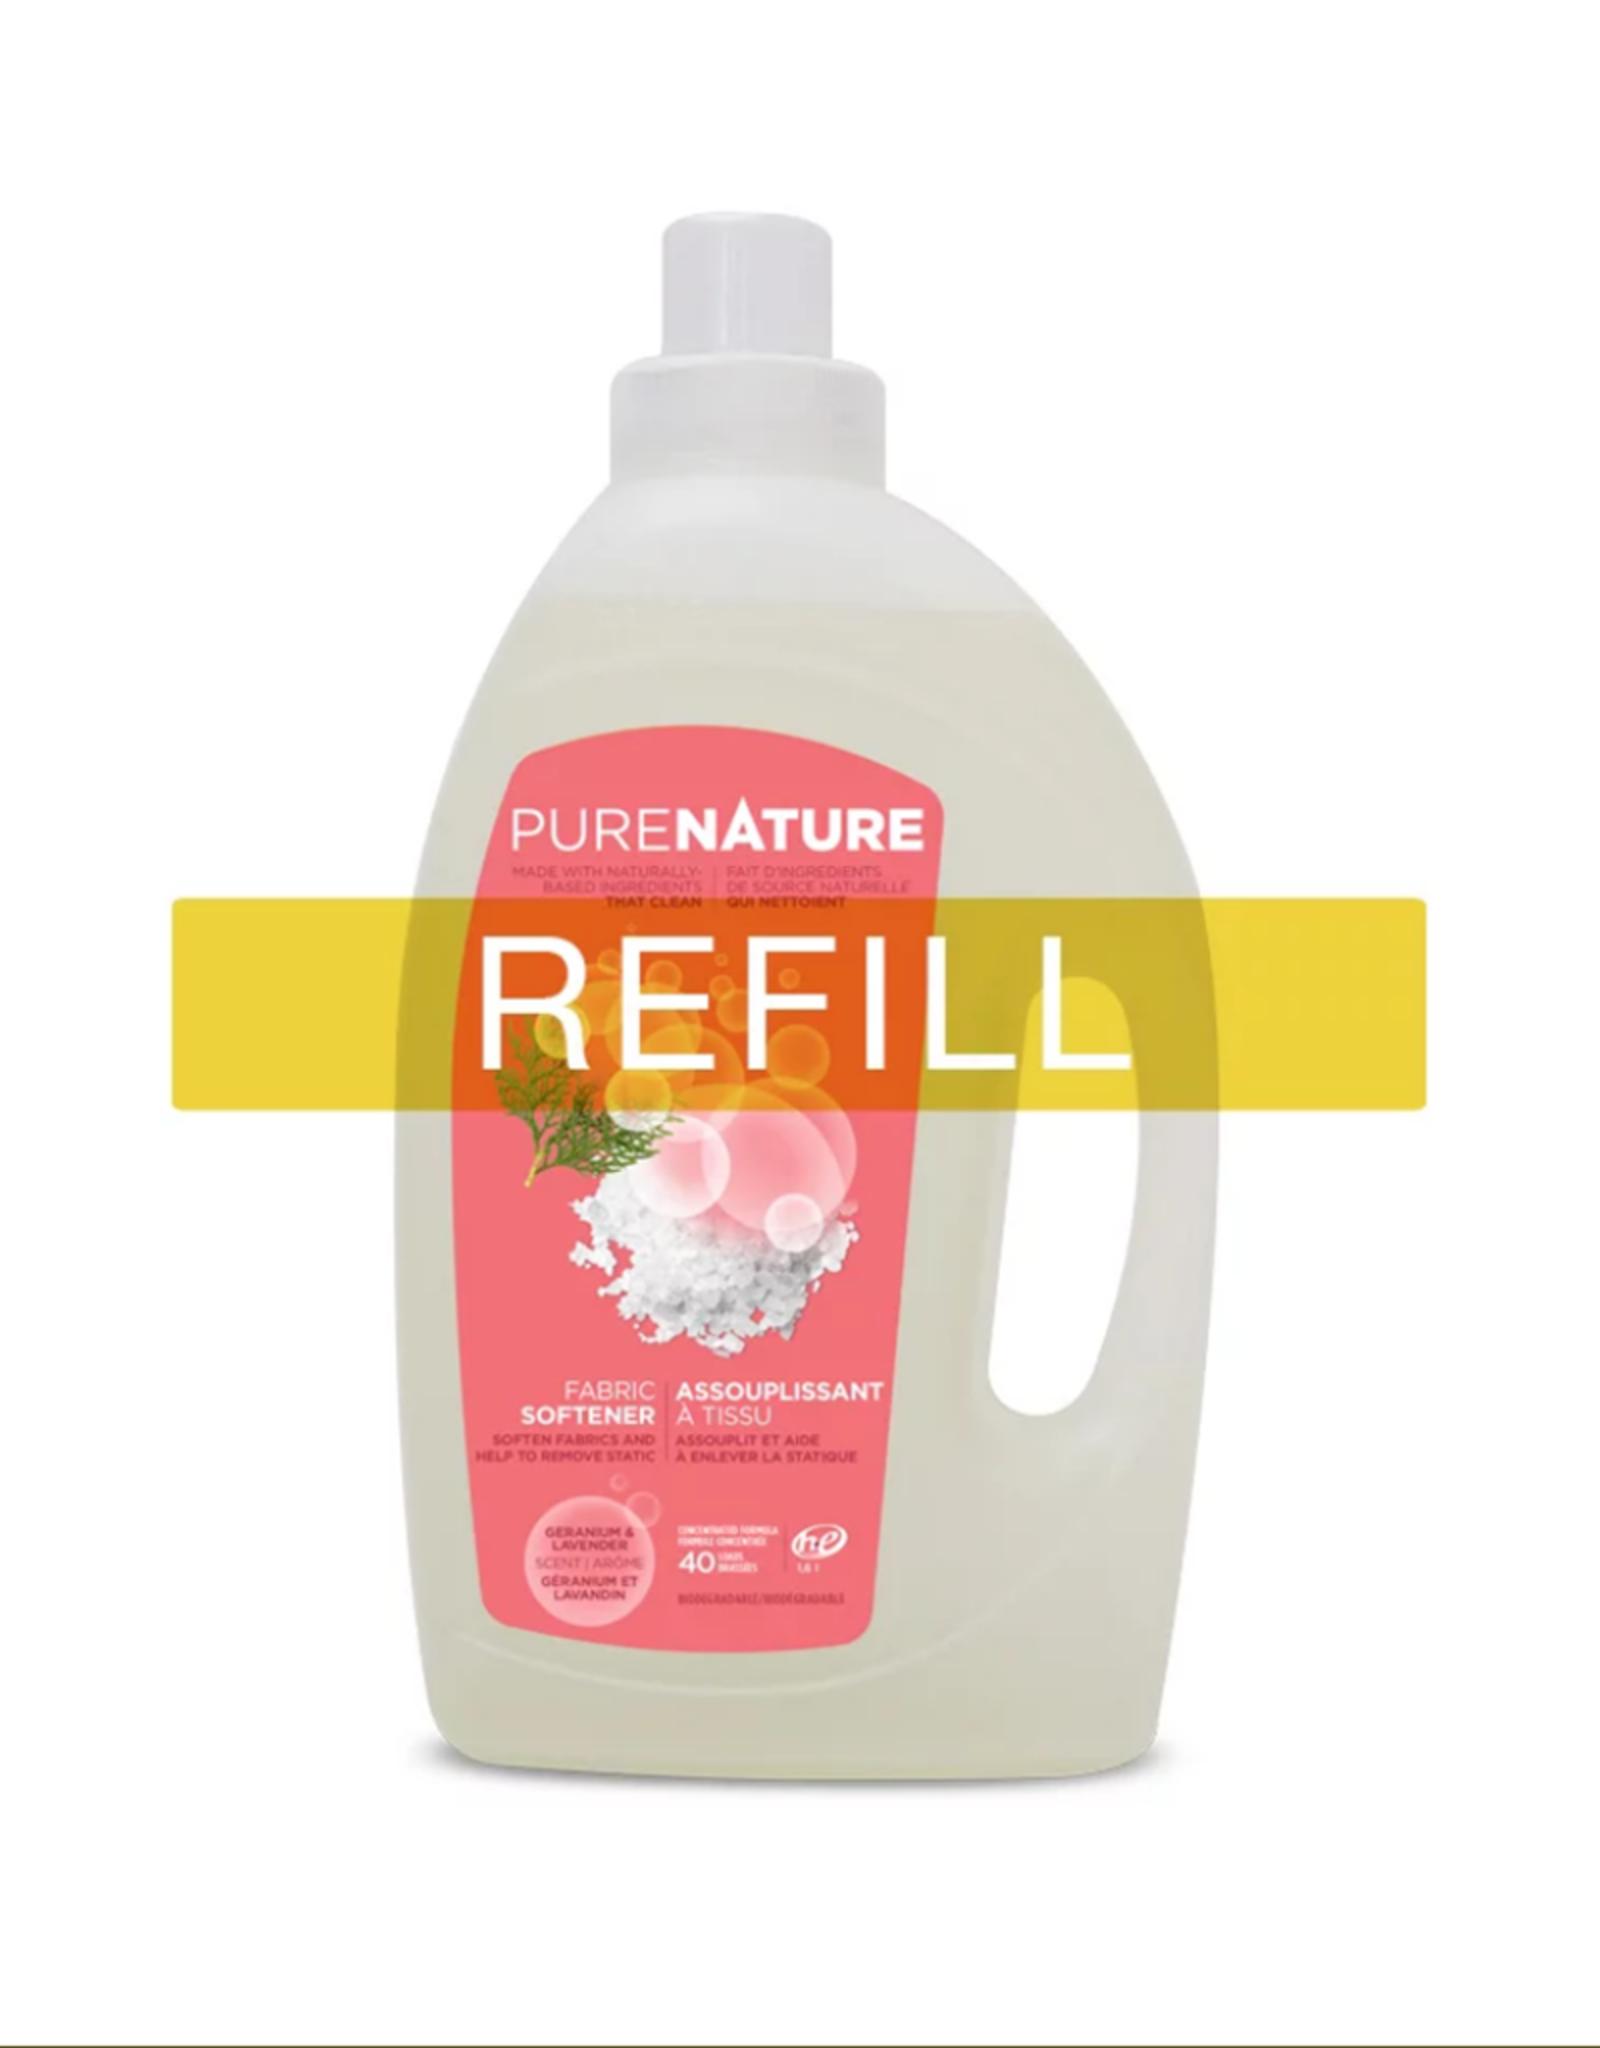 Purenature Purenature - Fabric Softener, Geranium & Lavender - REFILL